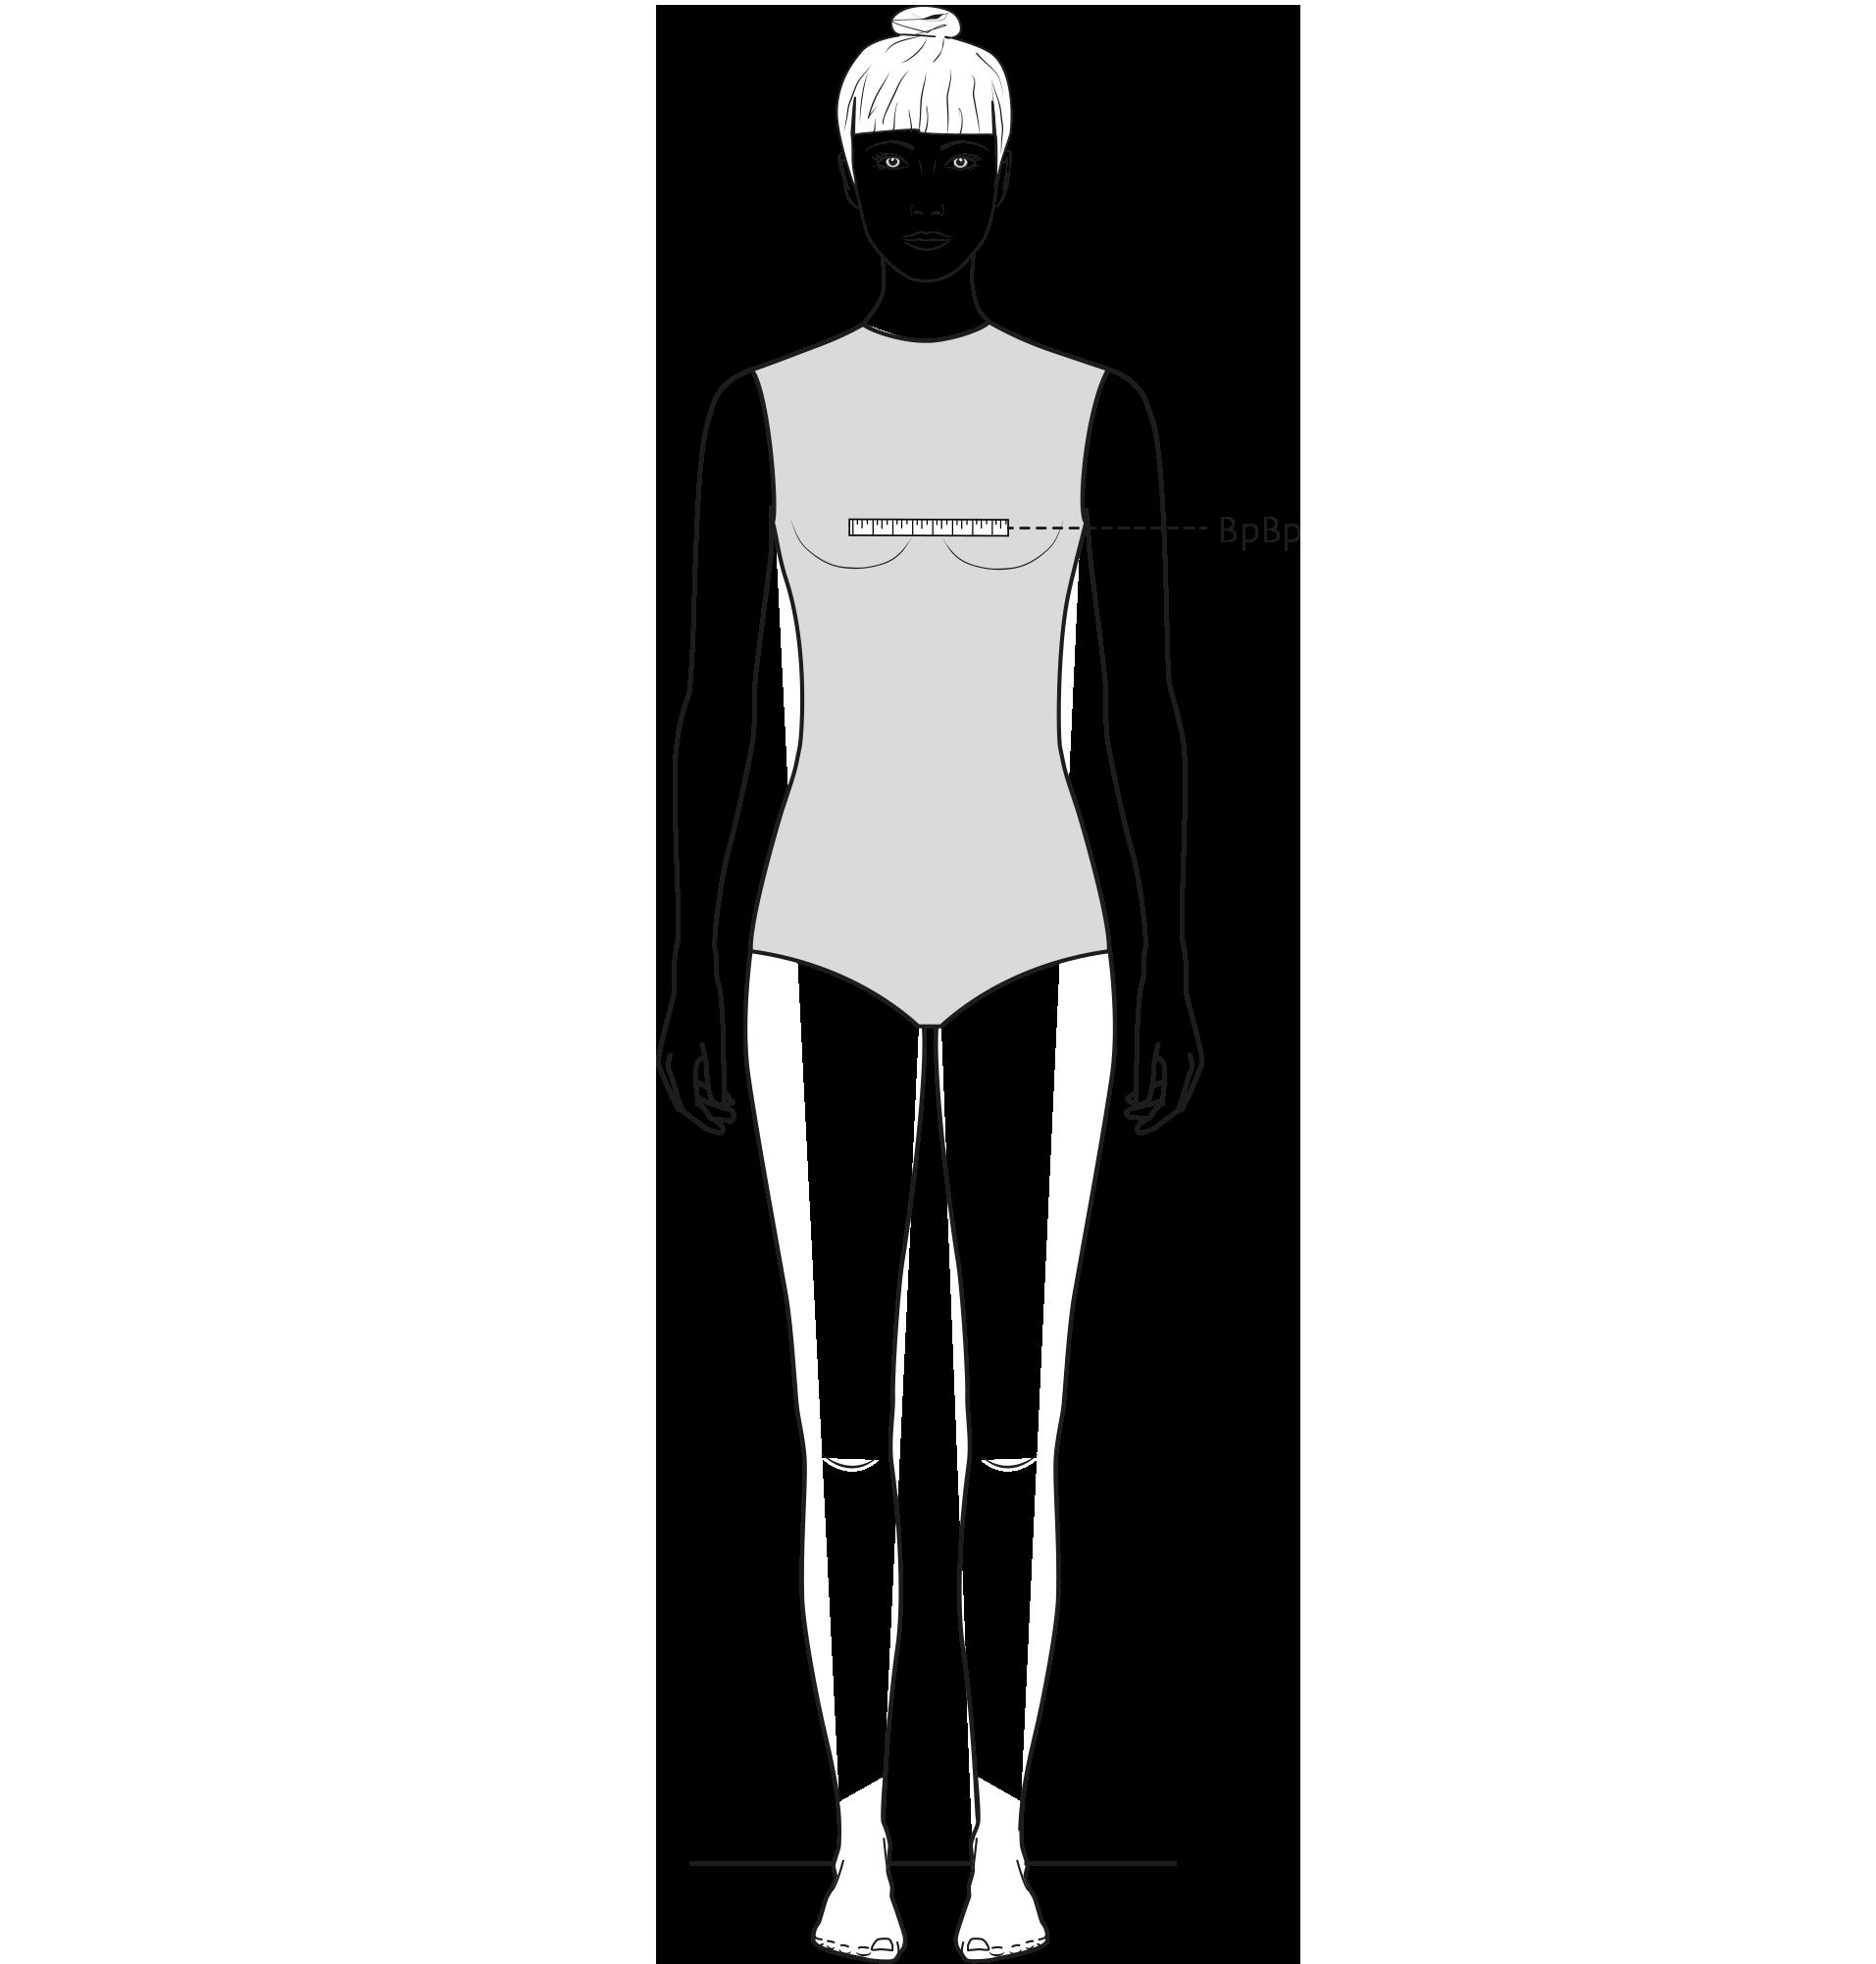 Diese Zeichnung zeigt das Messen des Abstands zwischen den Brustpunkten.